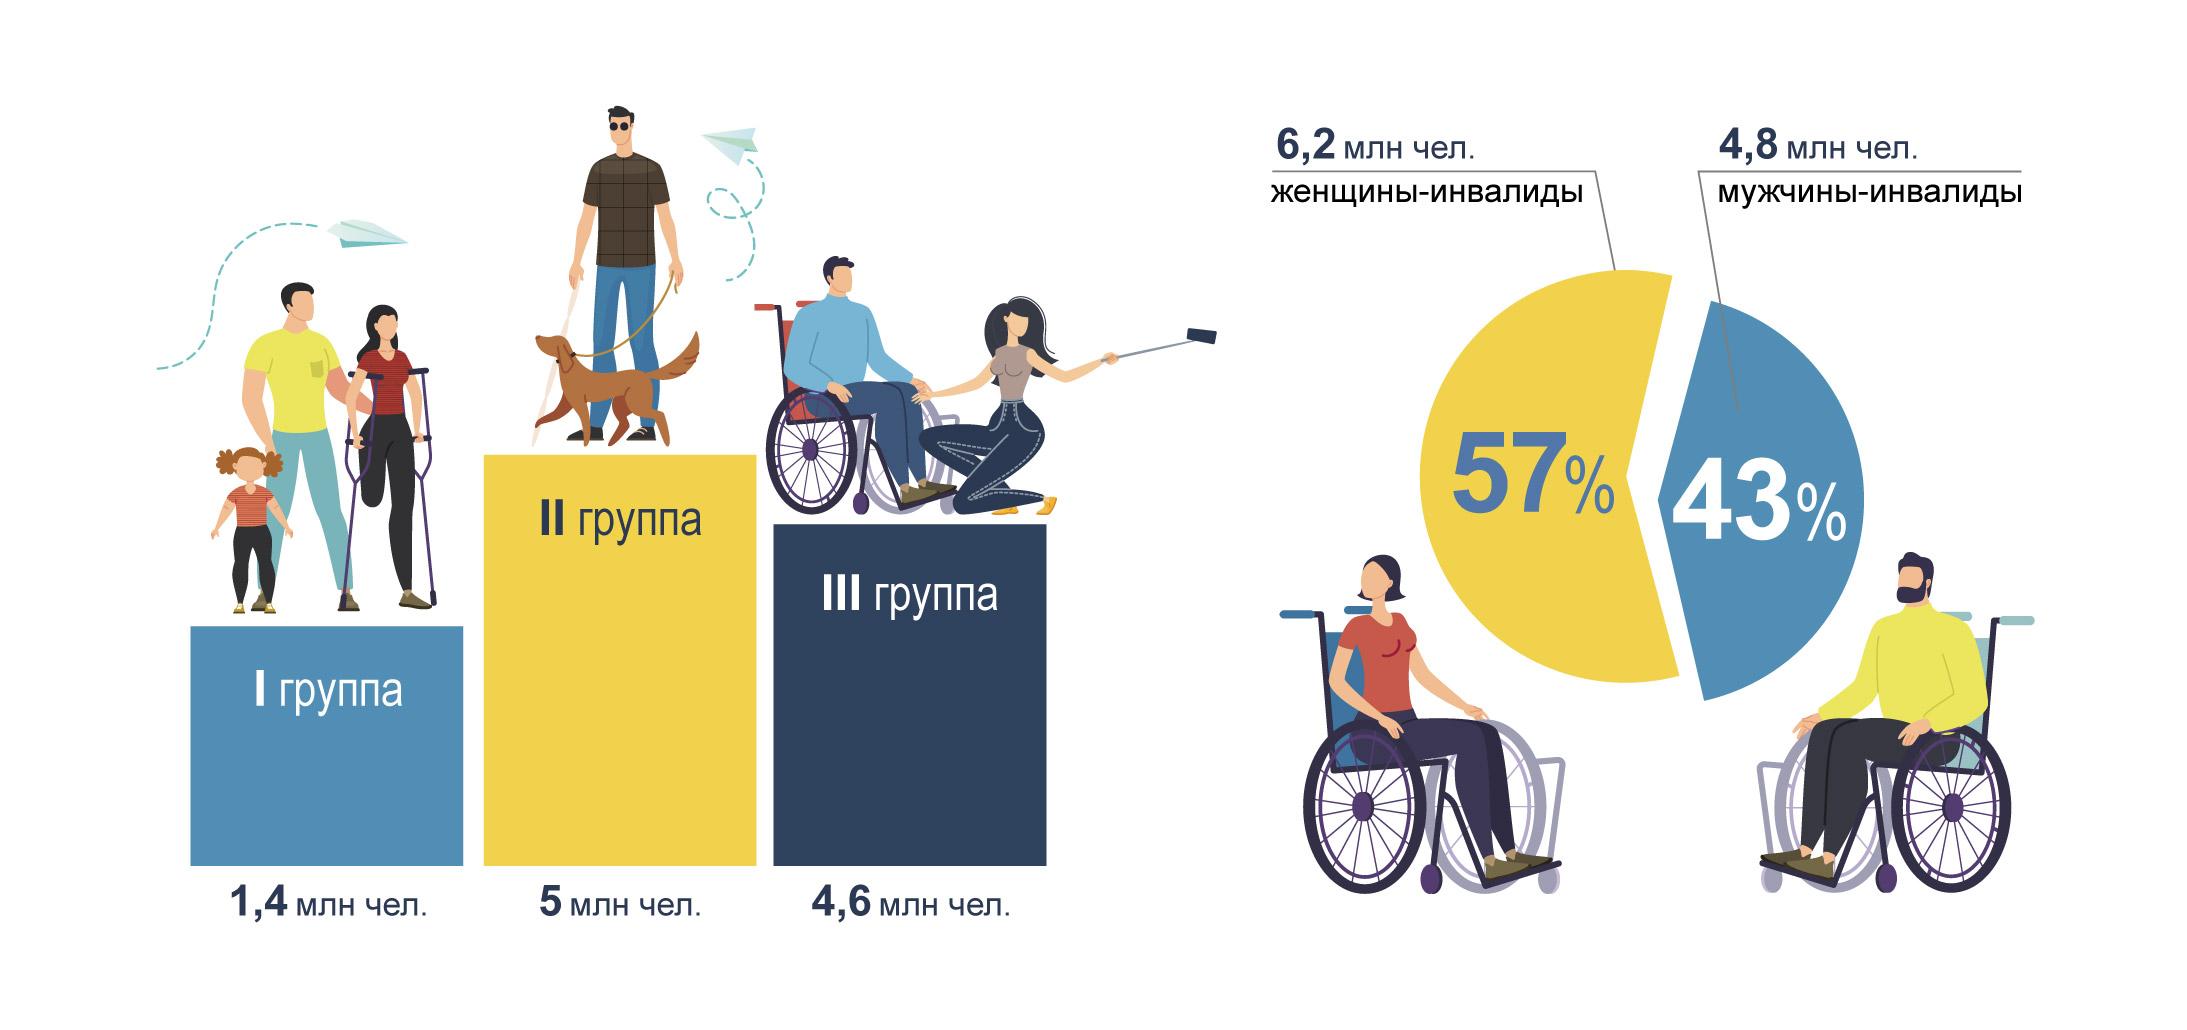 Численность и группы инвалидности